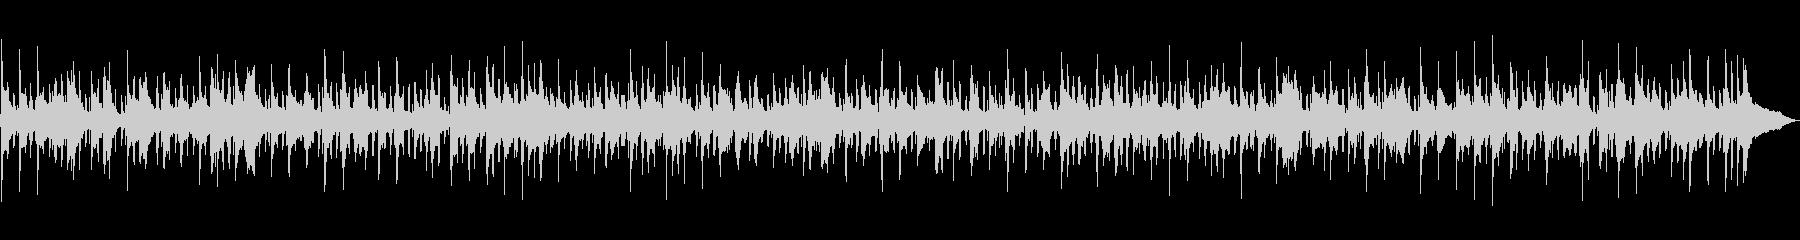 フレンチワルツ、旅番組のBGMの未再生の波形